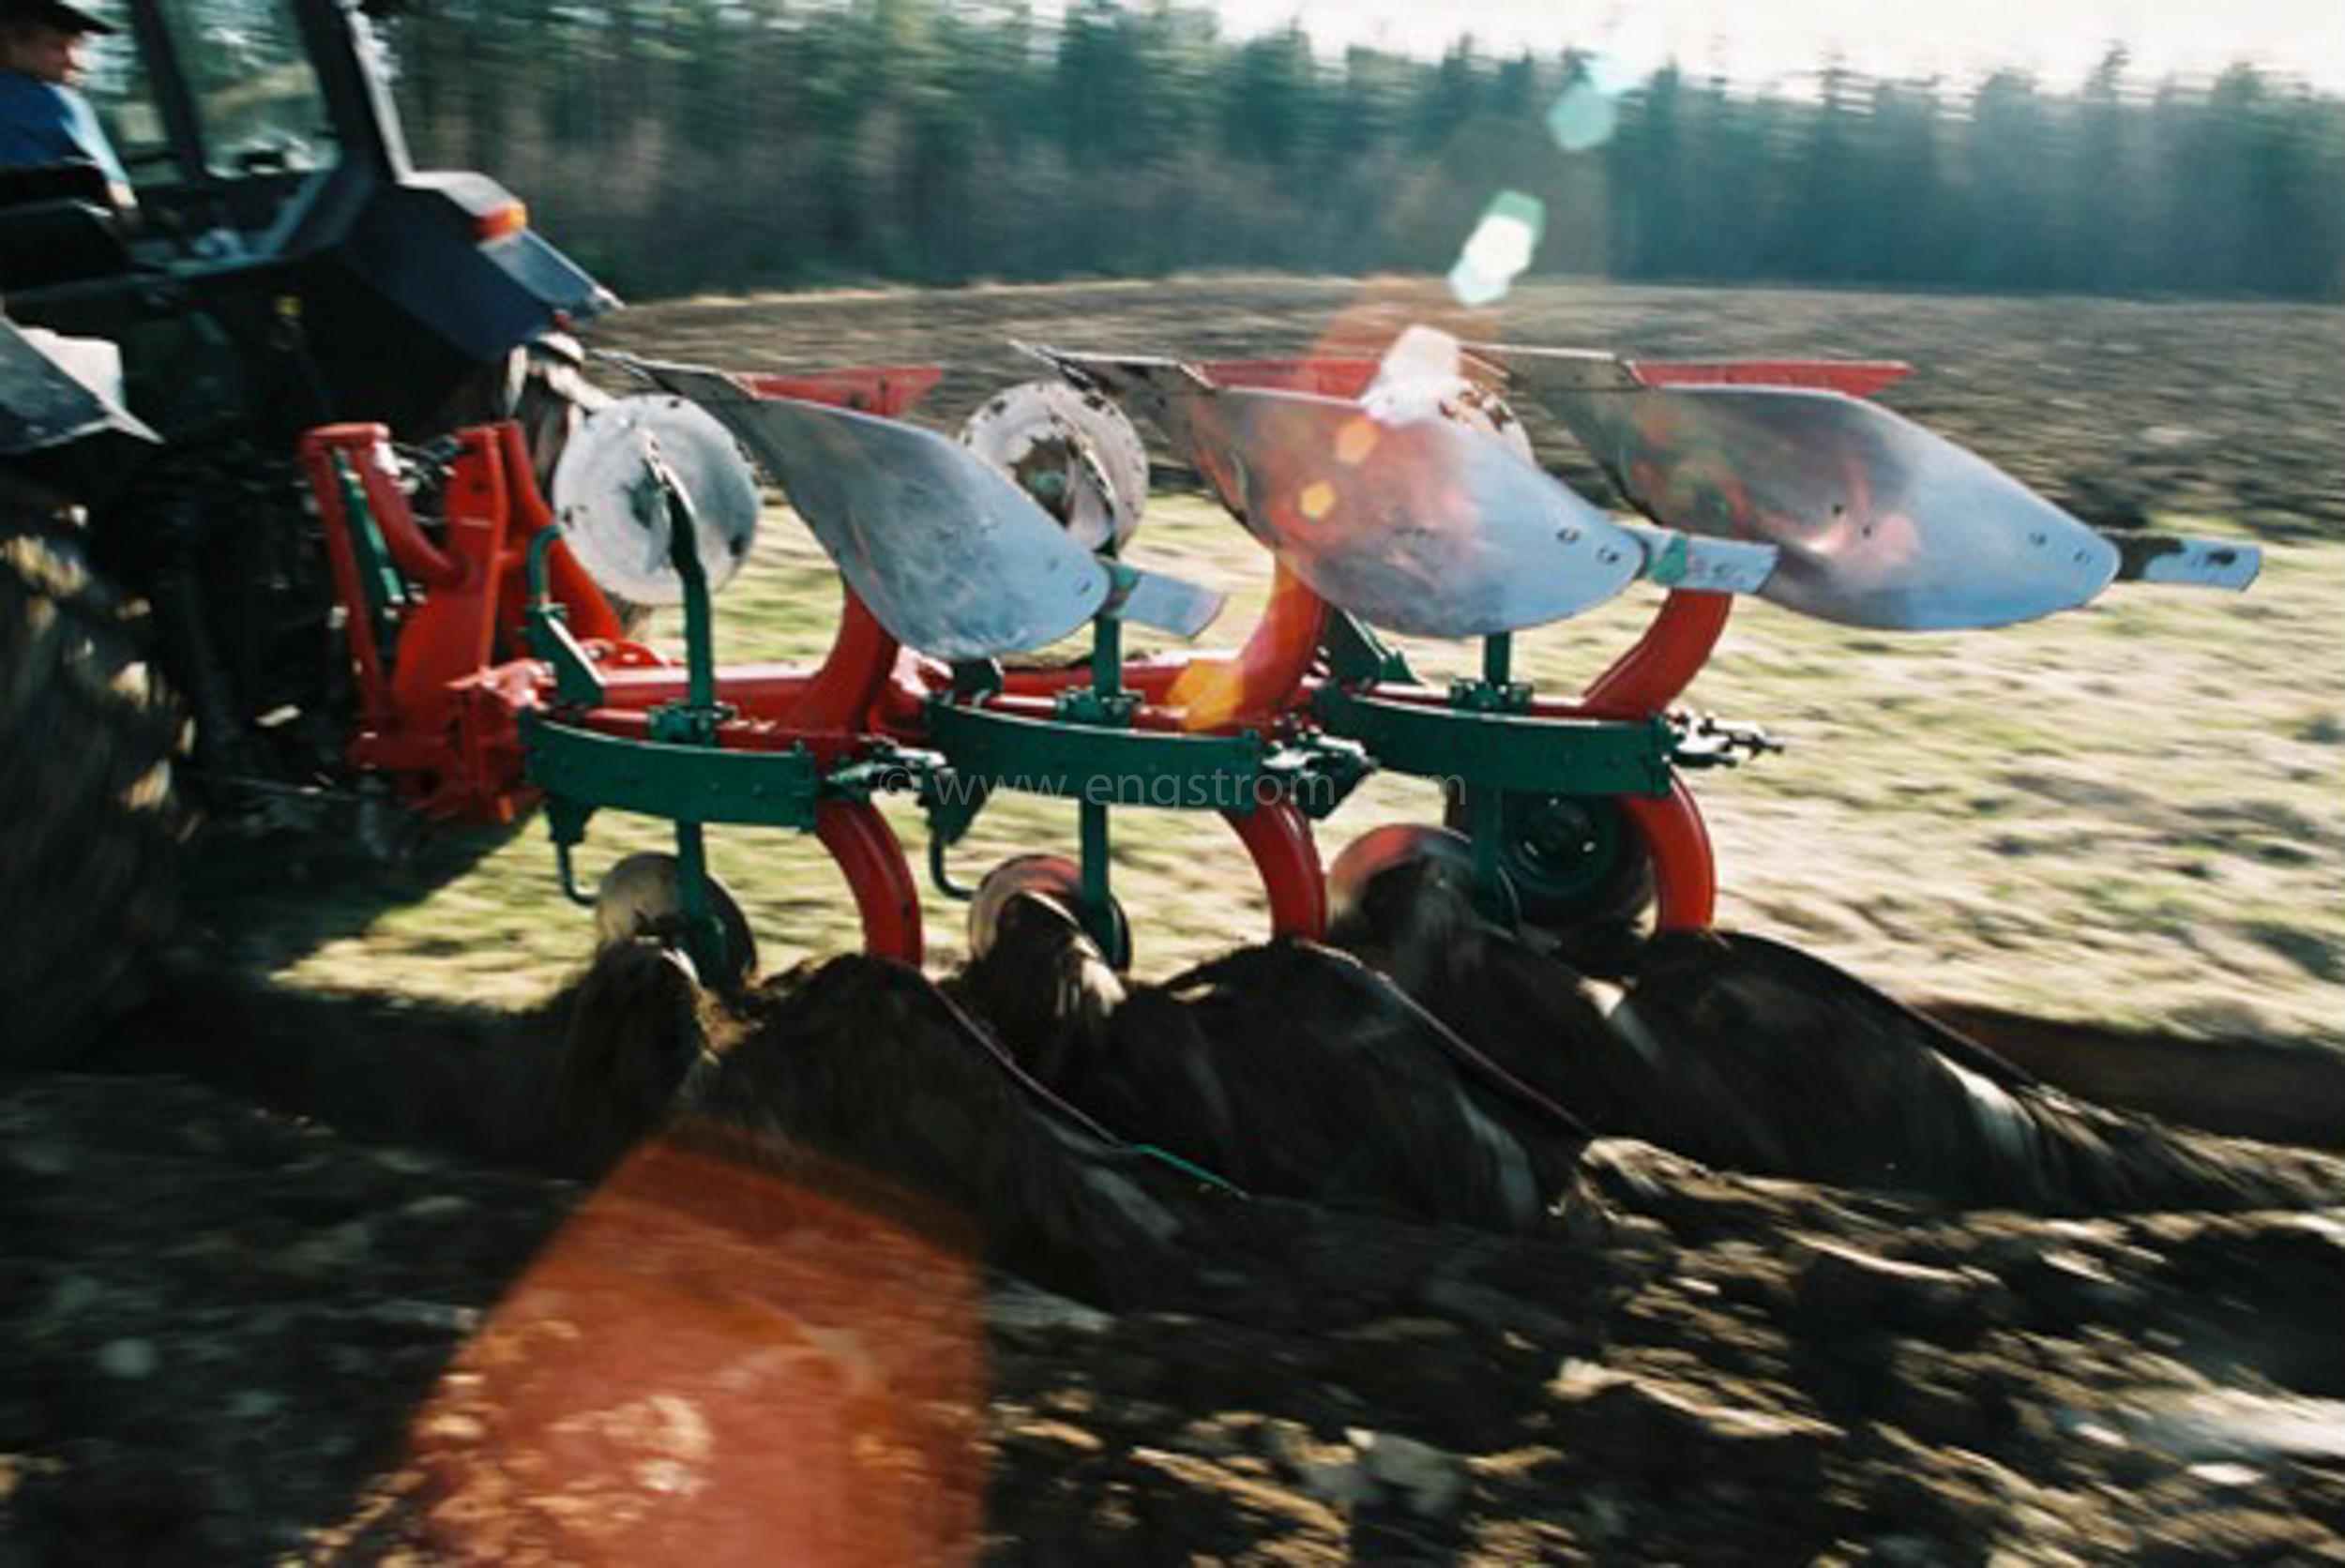 JE0405_46, Vallbrott på våren. Stocksbo våren 2004, Jonas Engström